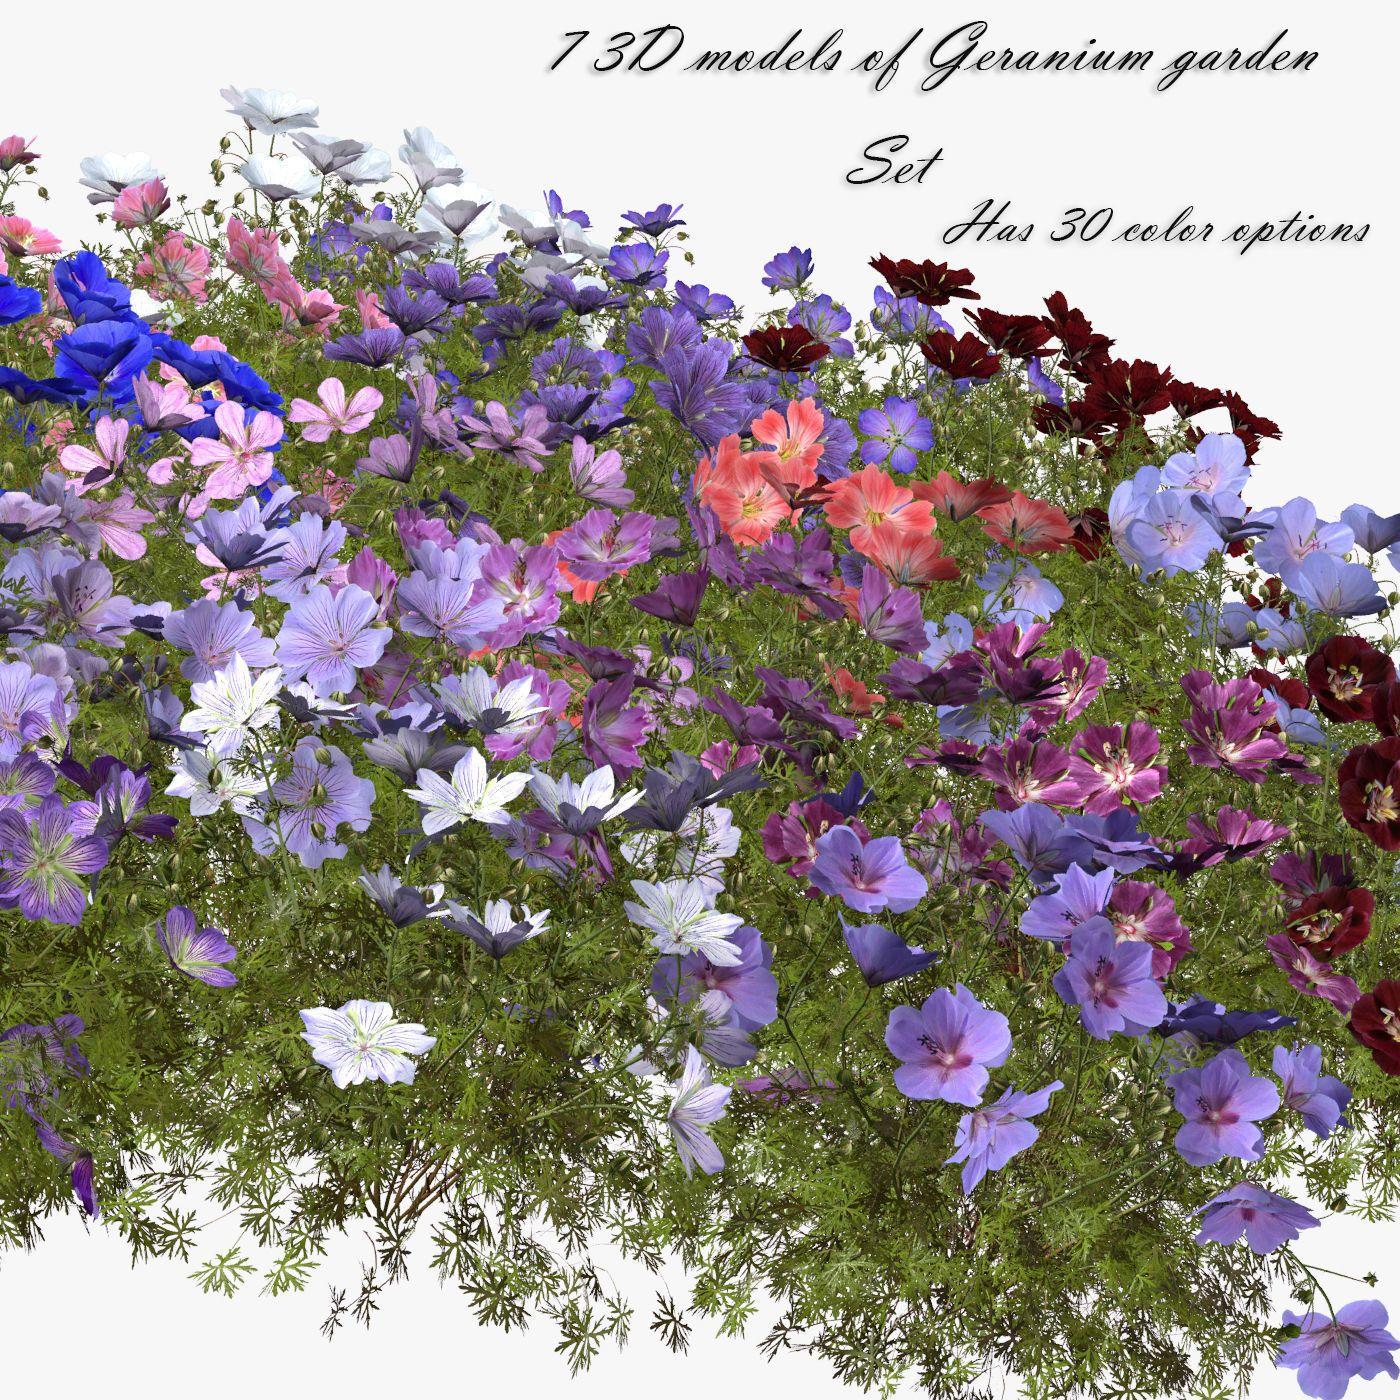 Flower Geranium Garden 3d Model Rasteniya Modeli